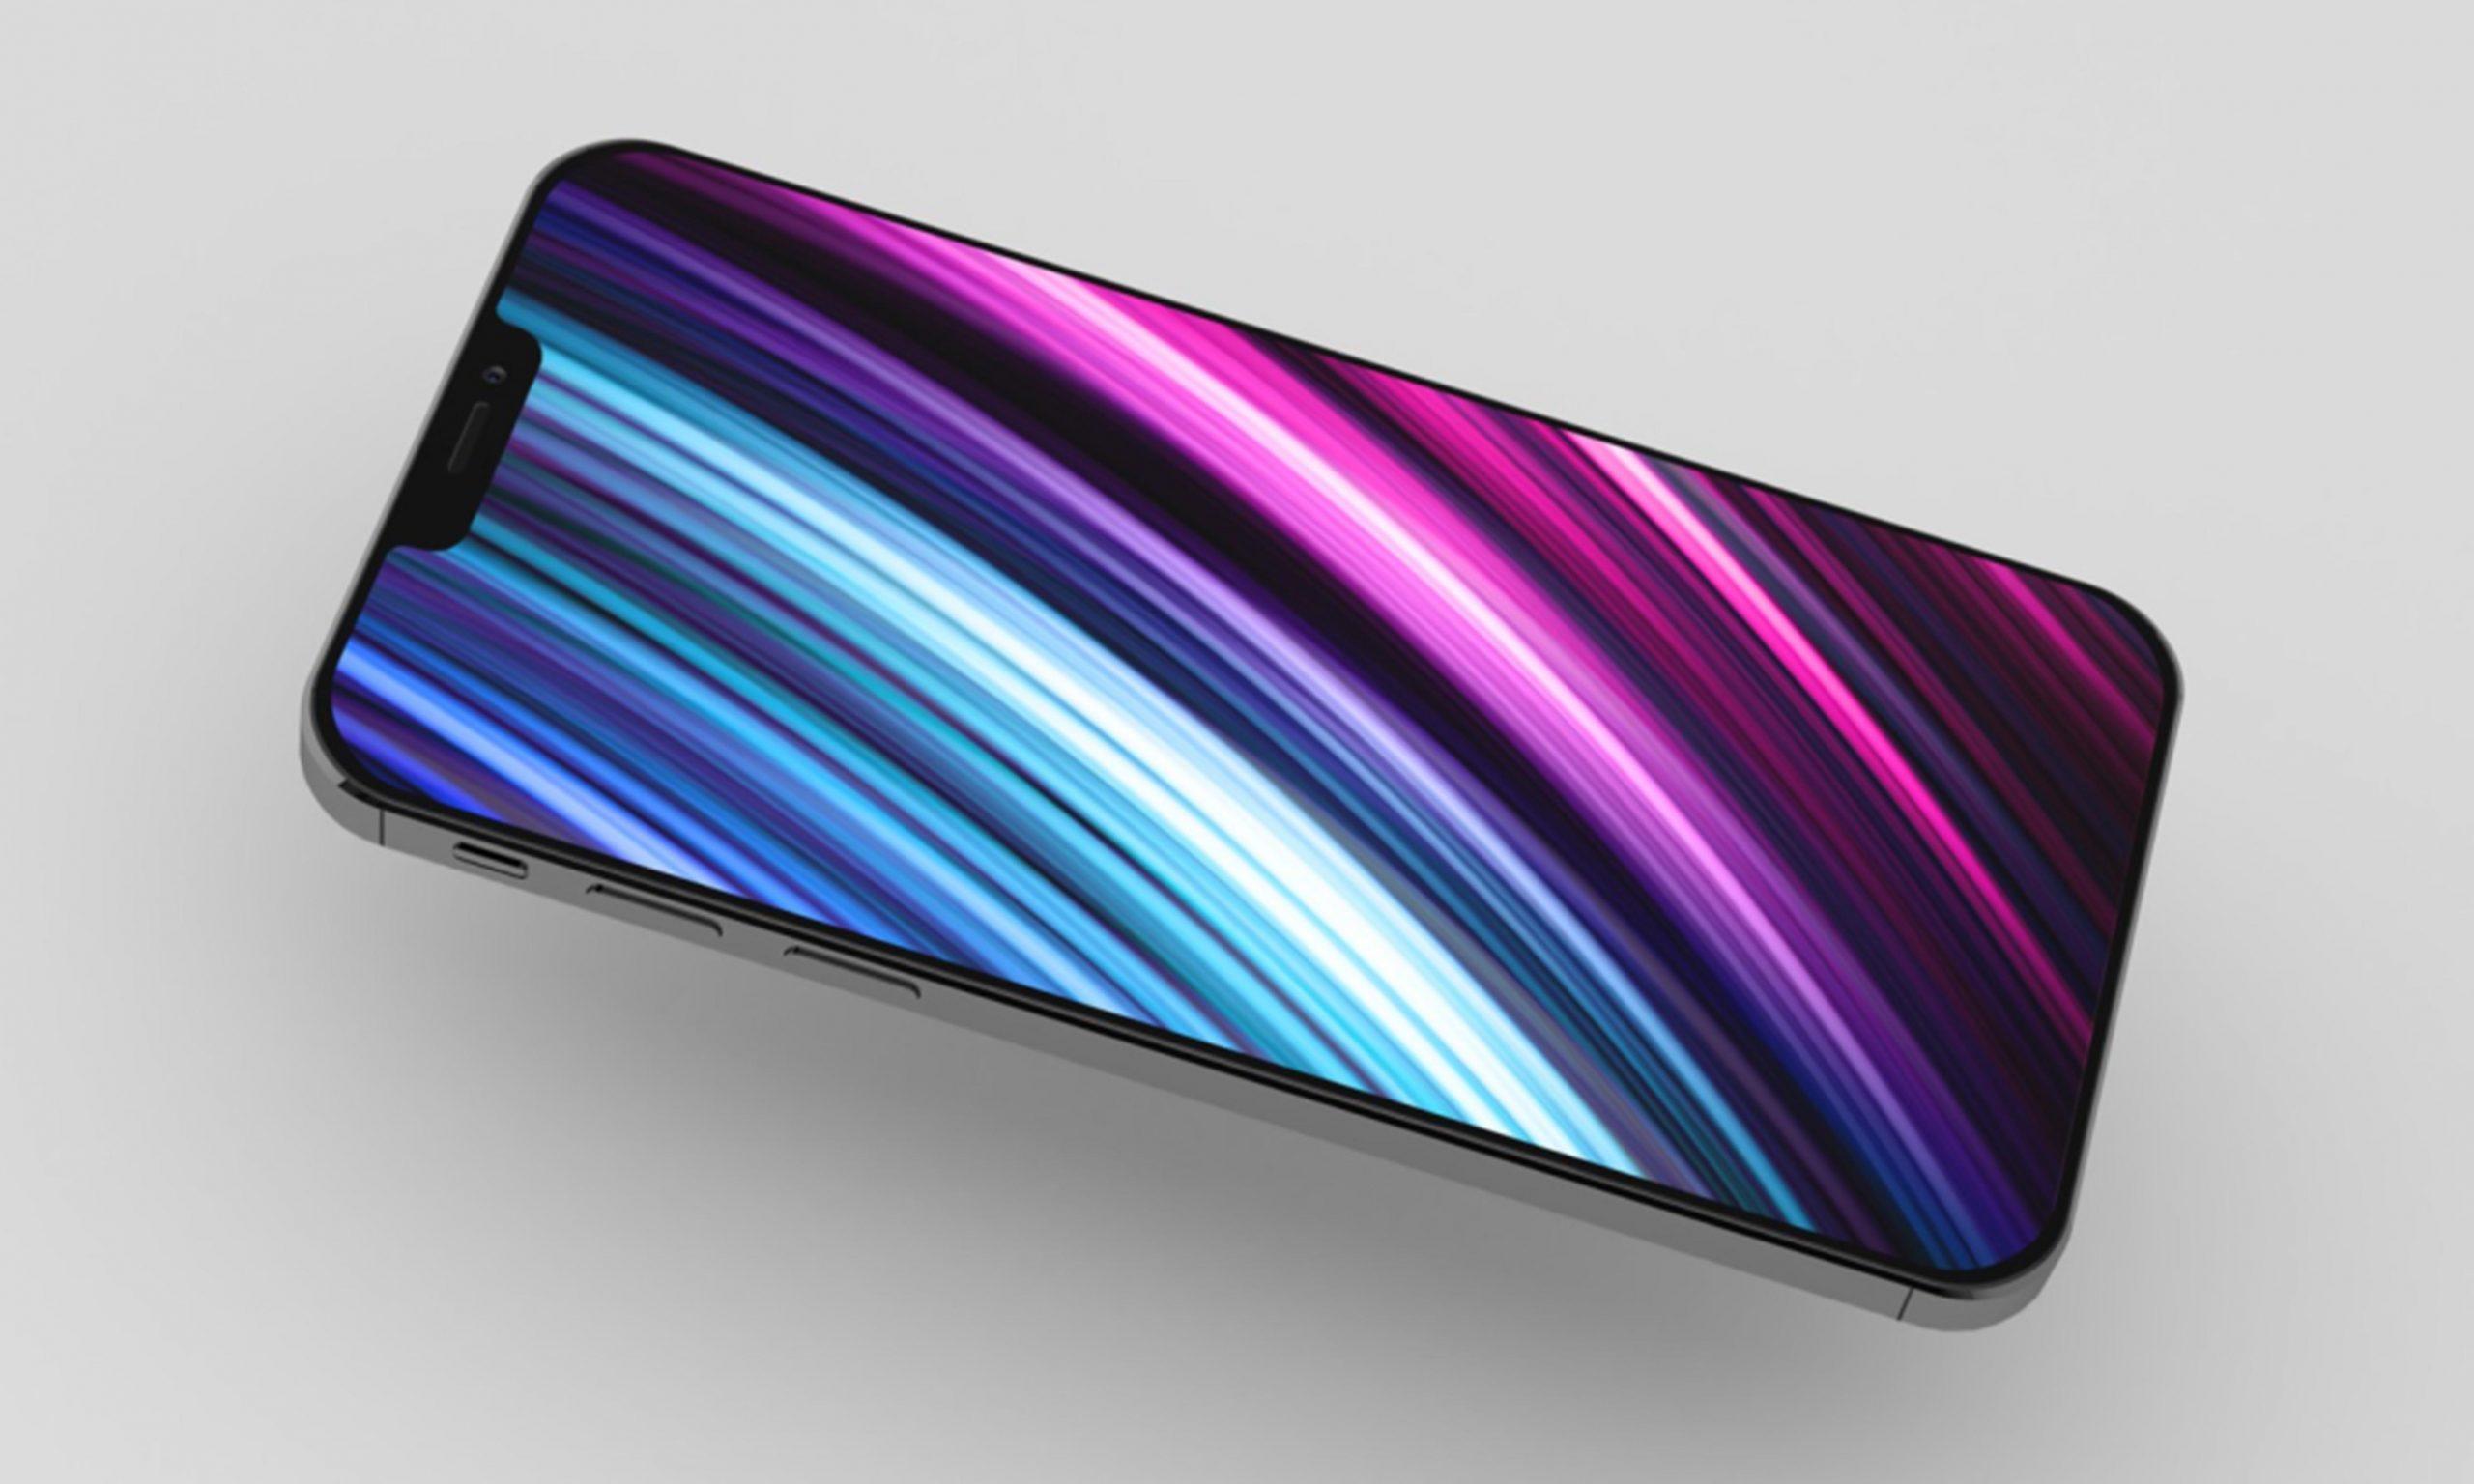 容量 4,380 mAh,iPhone 12 Pro Max 电池曝光